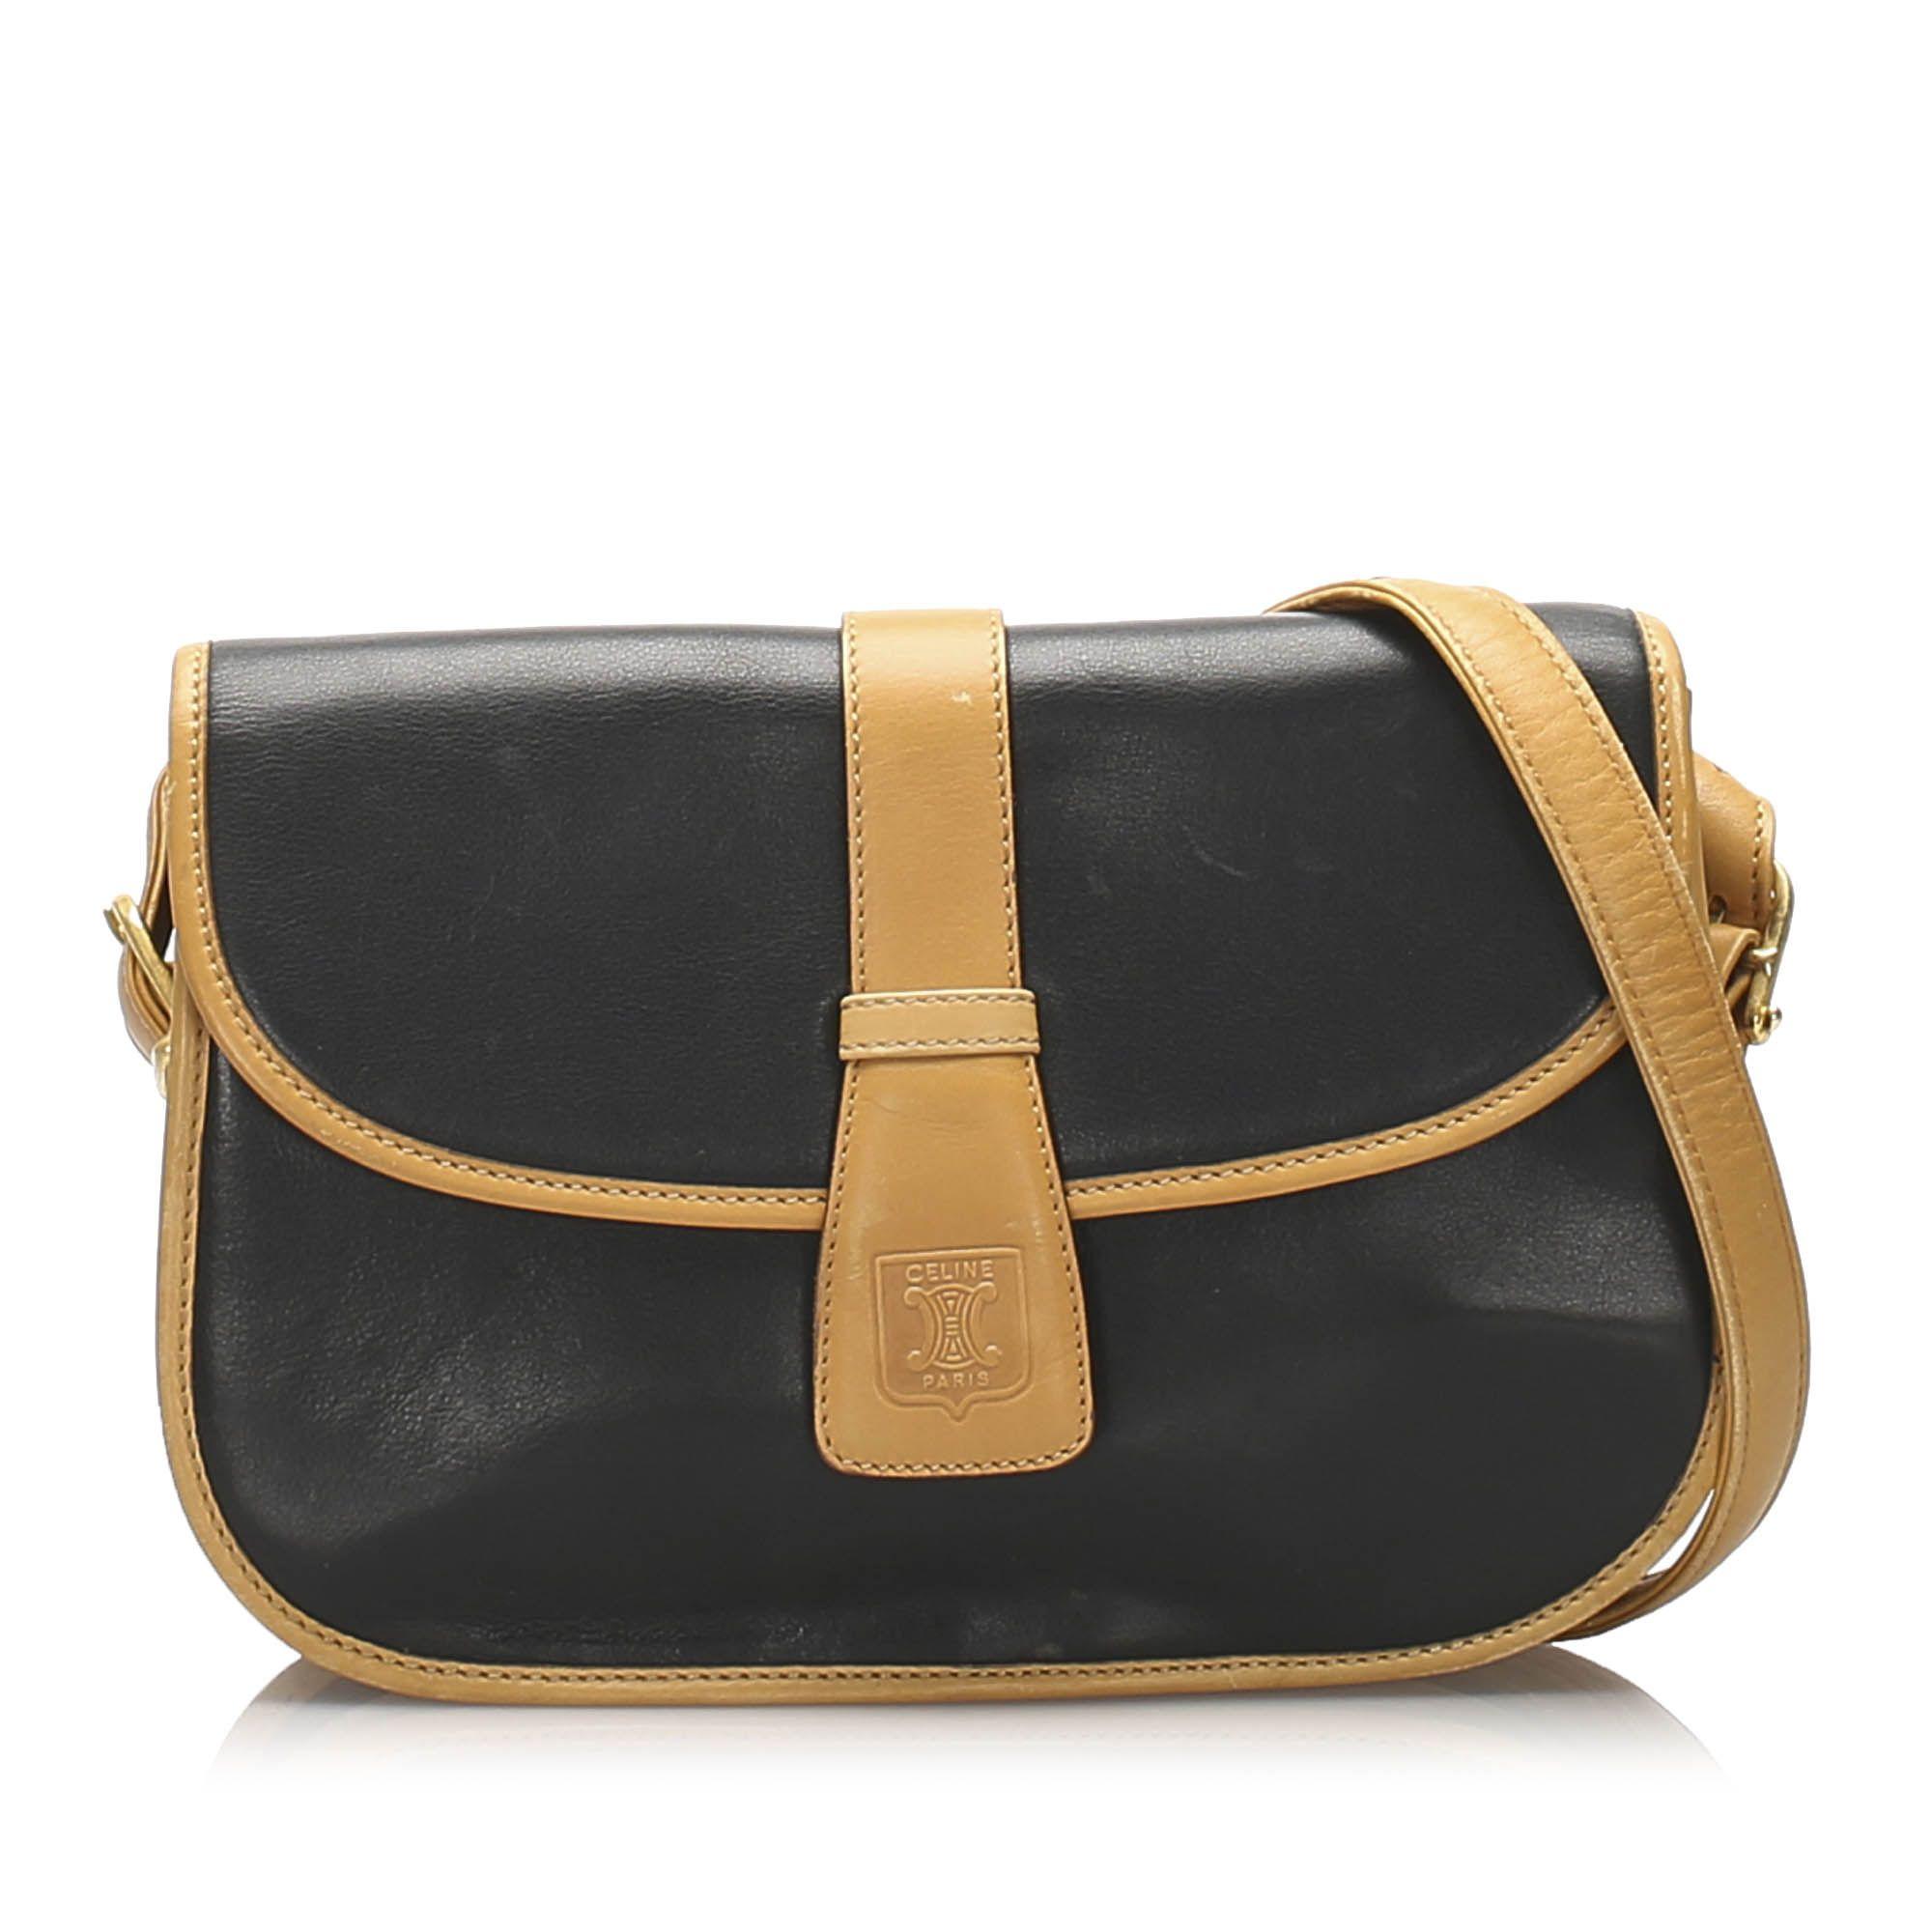 Vintage Celine Leather Crossbody Bag Blue